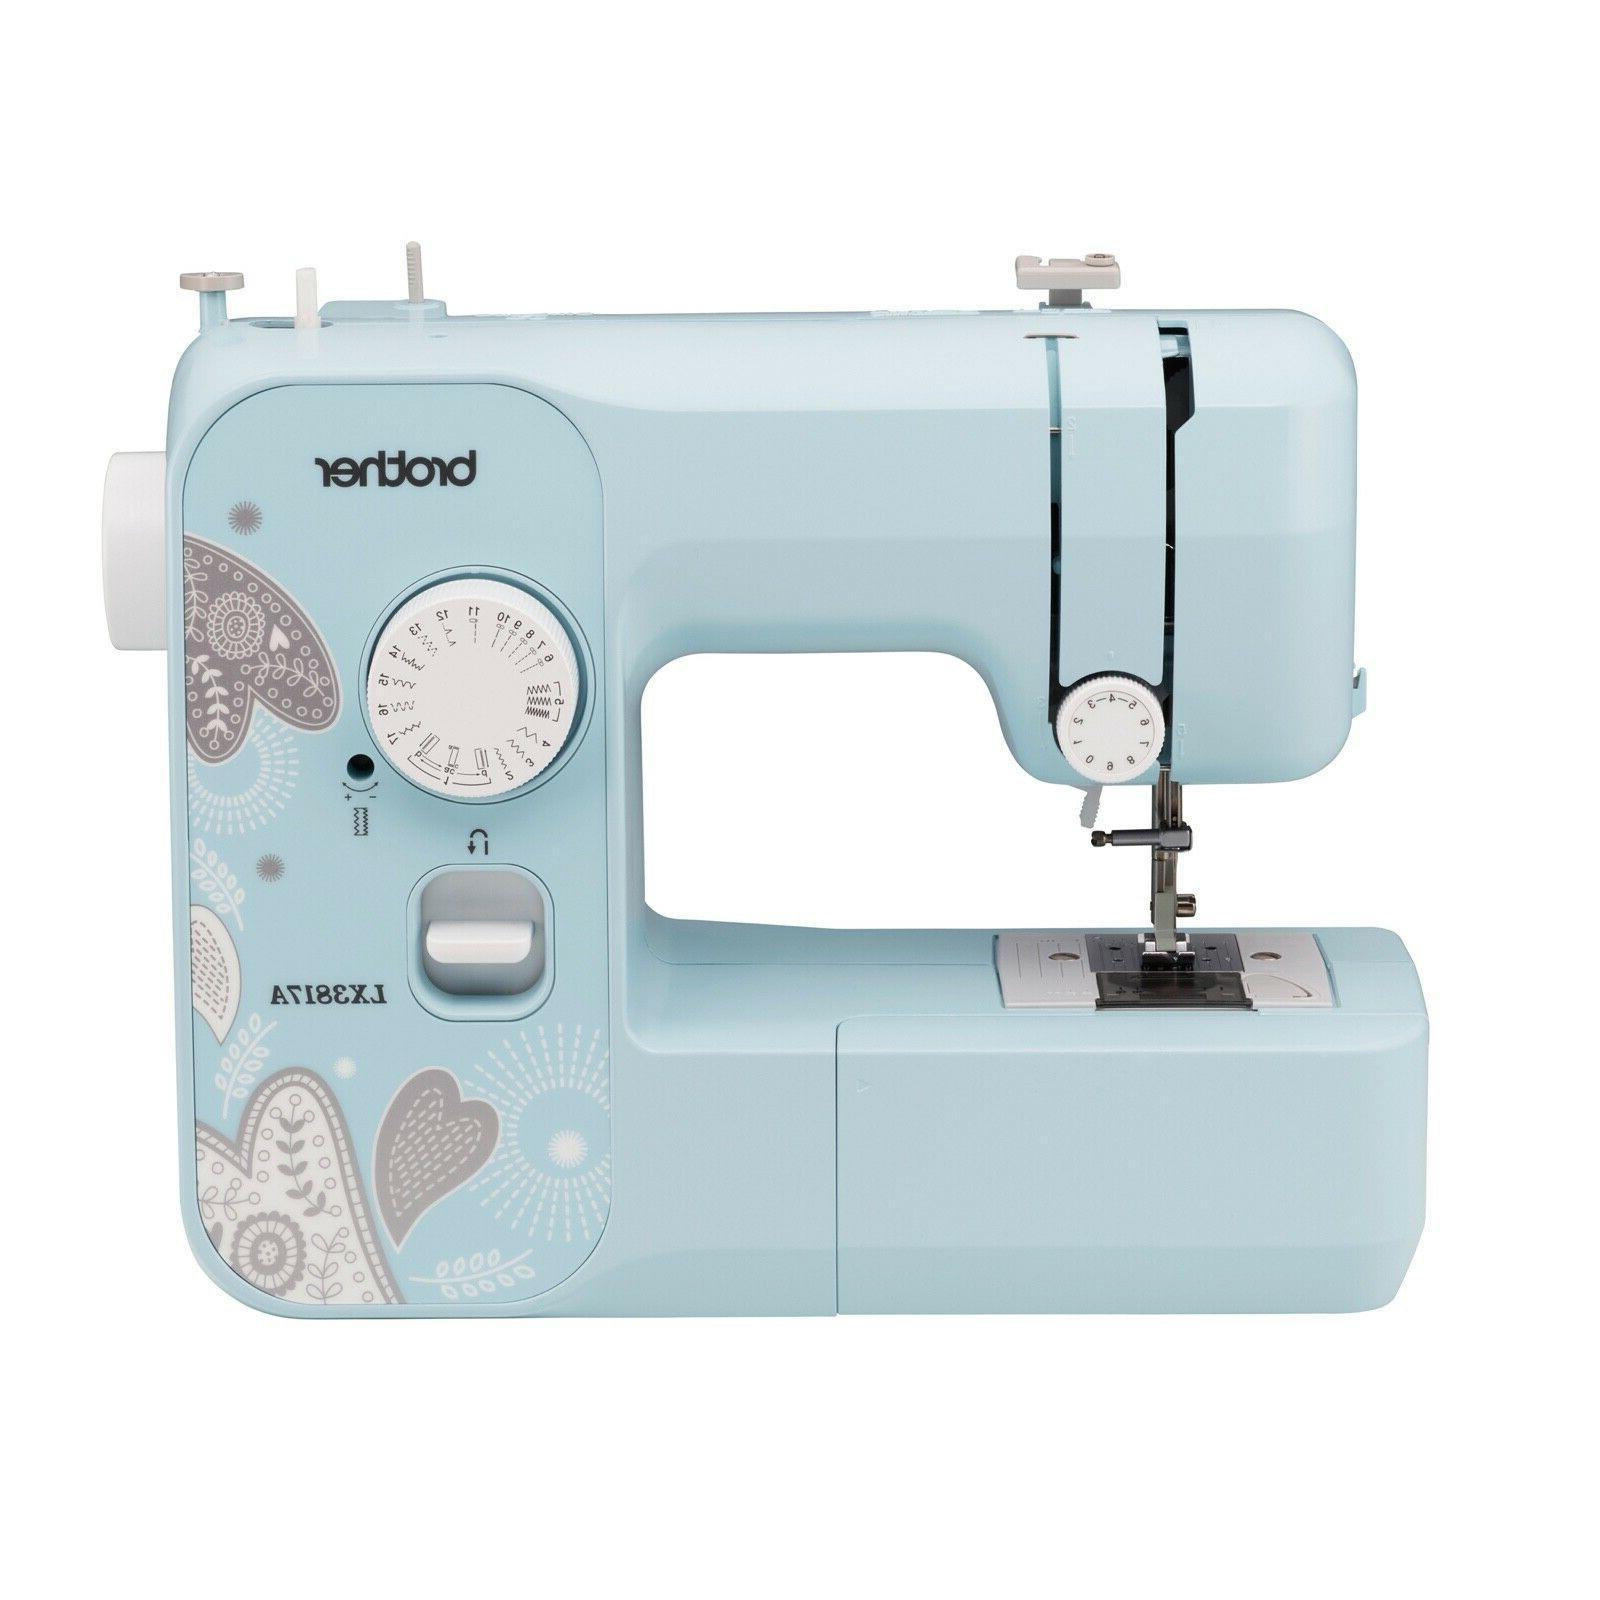 lx3817a sewing machine aqua 17 stitch full